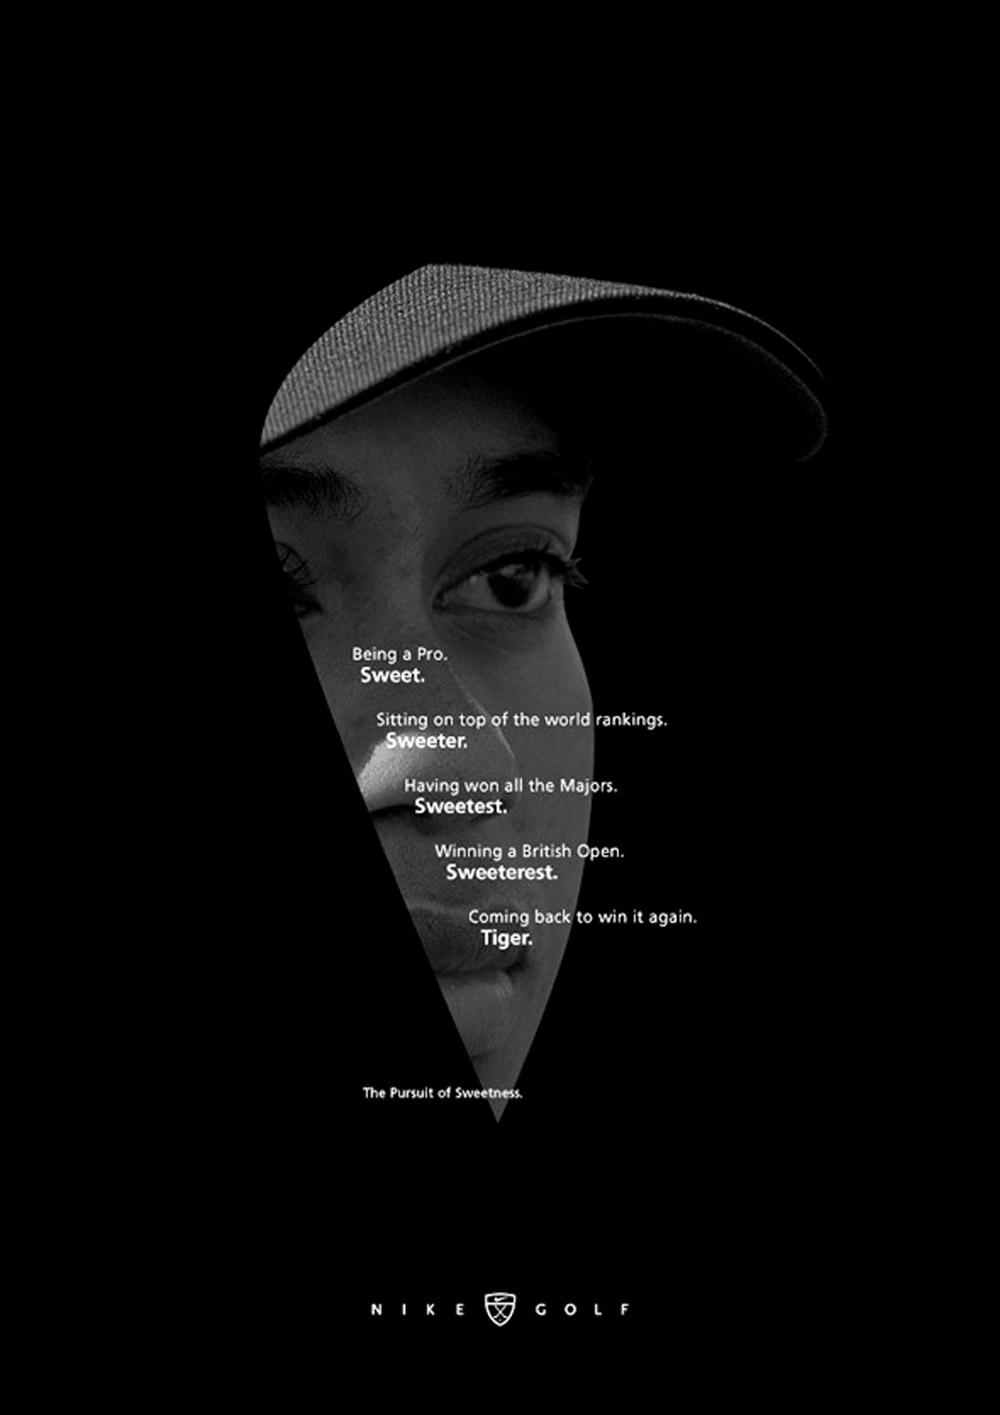 Nike-Golf-print-02